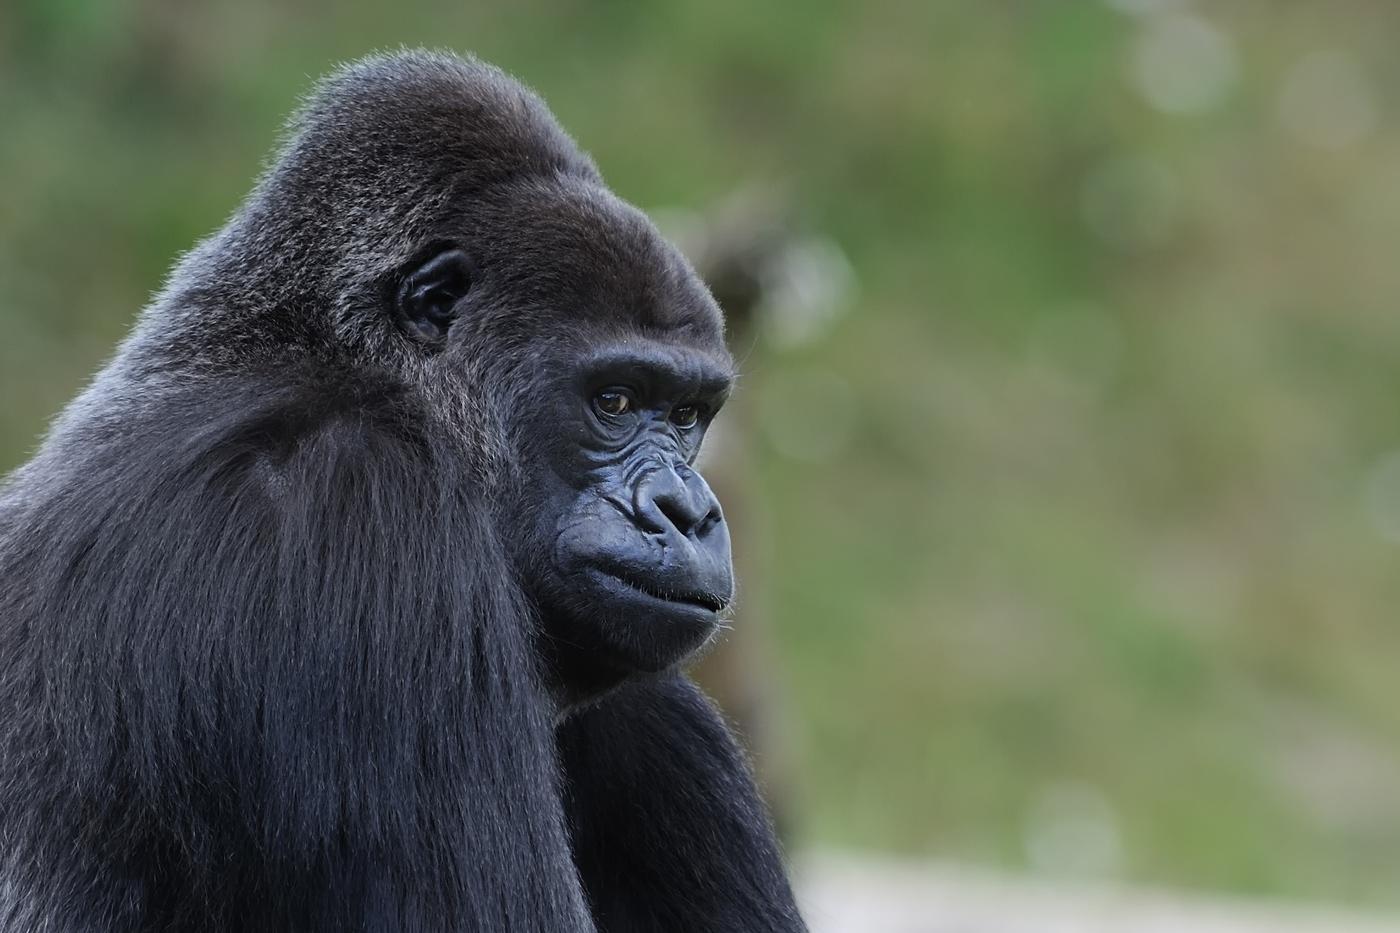 Gorilla (Löwenpark Givskud/DK)